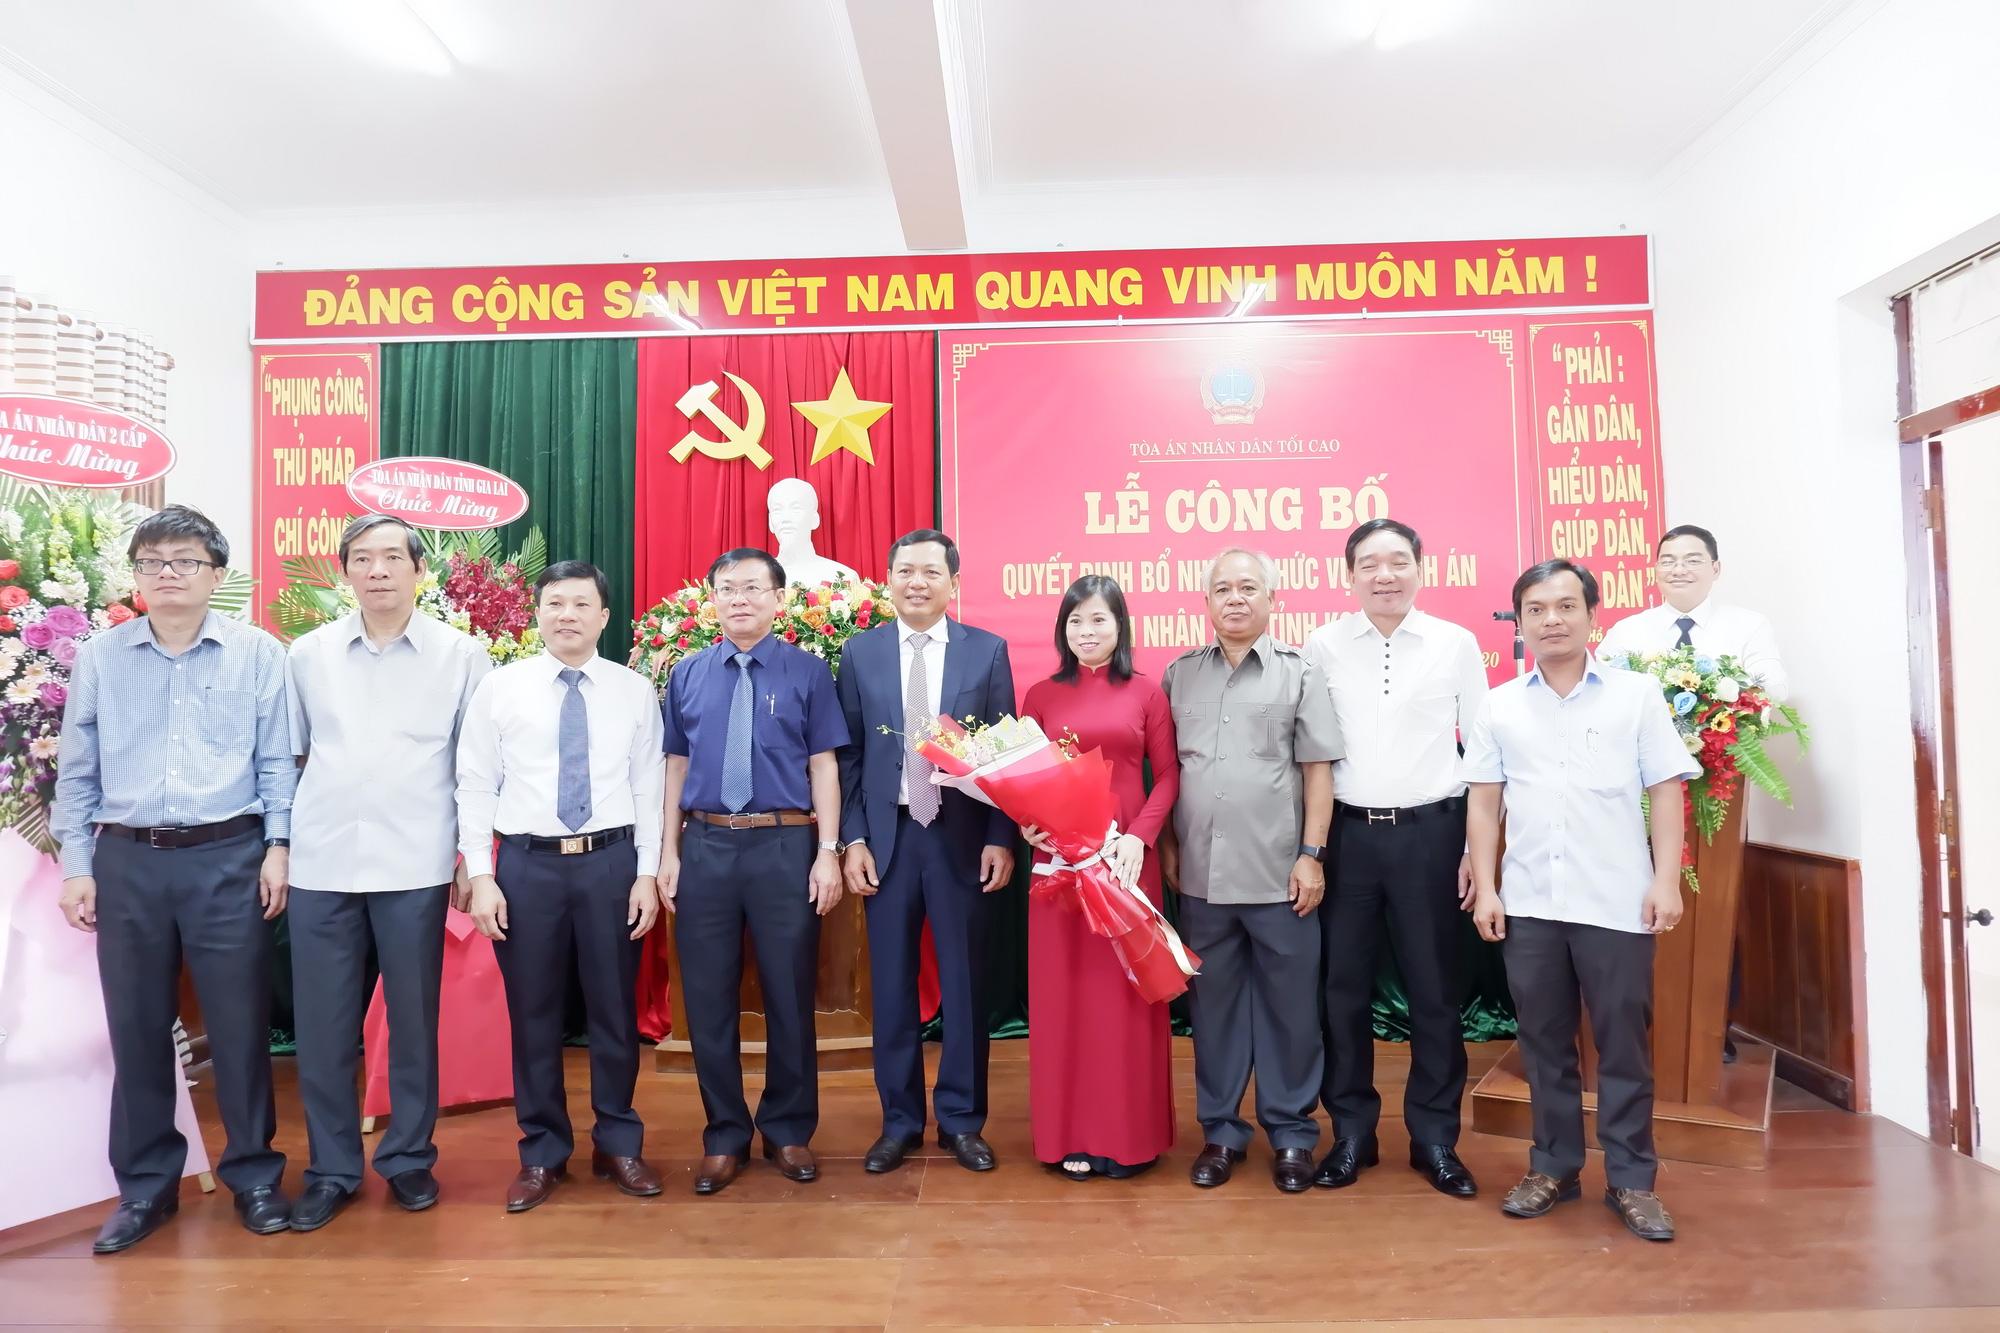 Chánh án TAND Tối cao Nguyễn Hòa Bình bổ nhiệm nữ Chánh án TAND tỉnh - Ảnh 1.